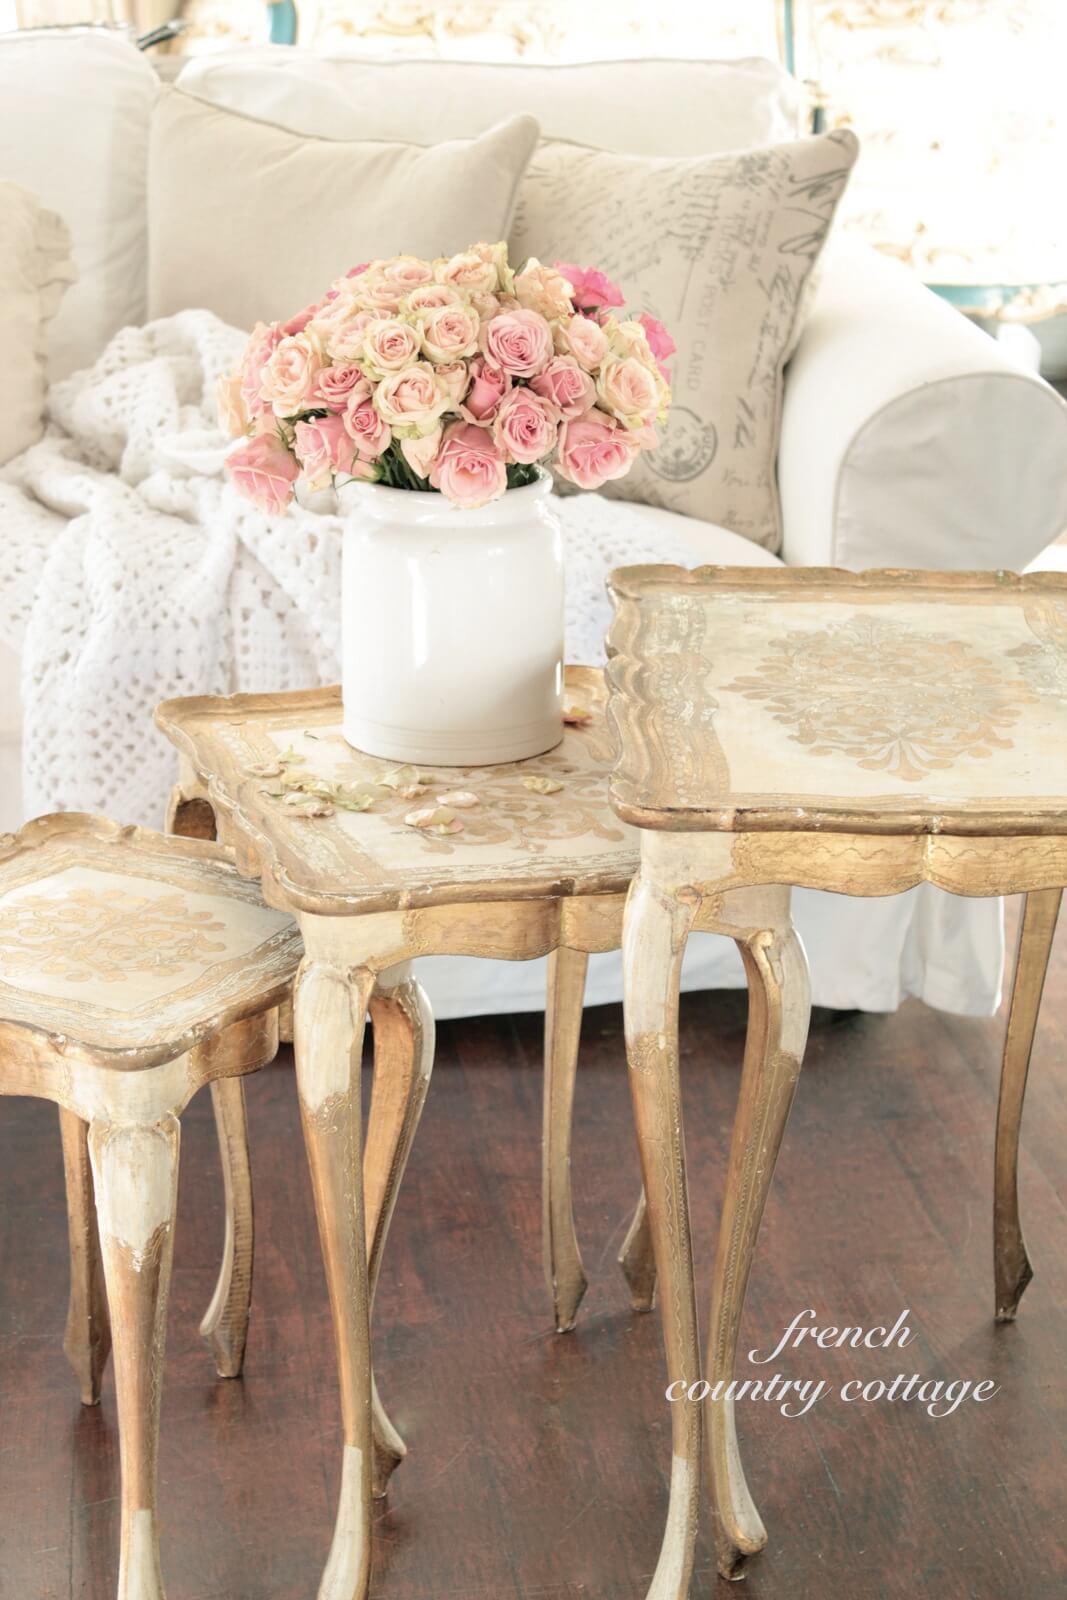 Tables d'emboîtement de style champêtre français